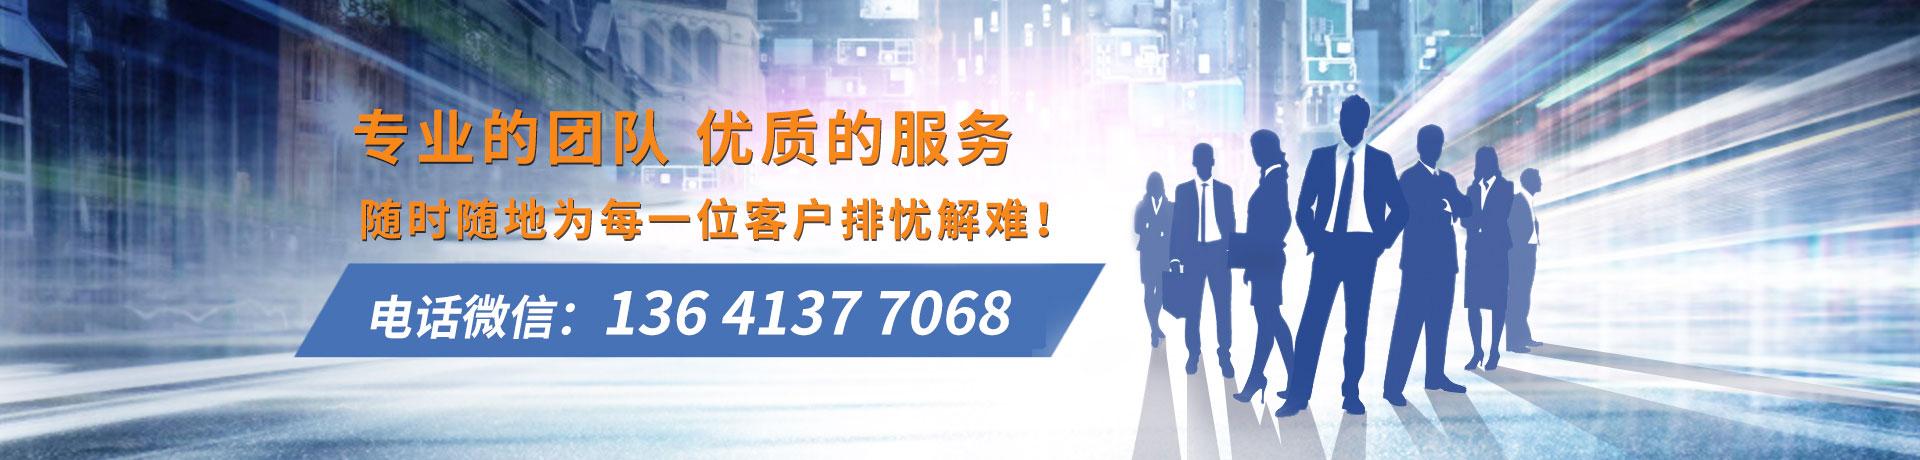 北京卫家信息咨询有限公司